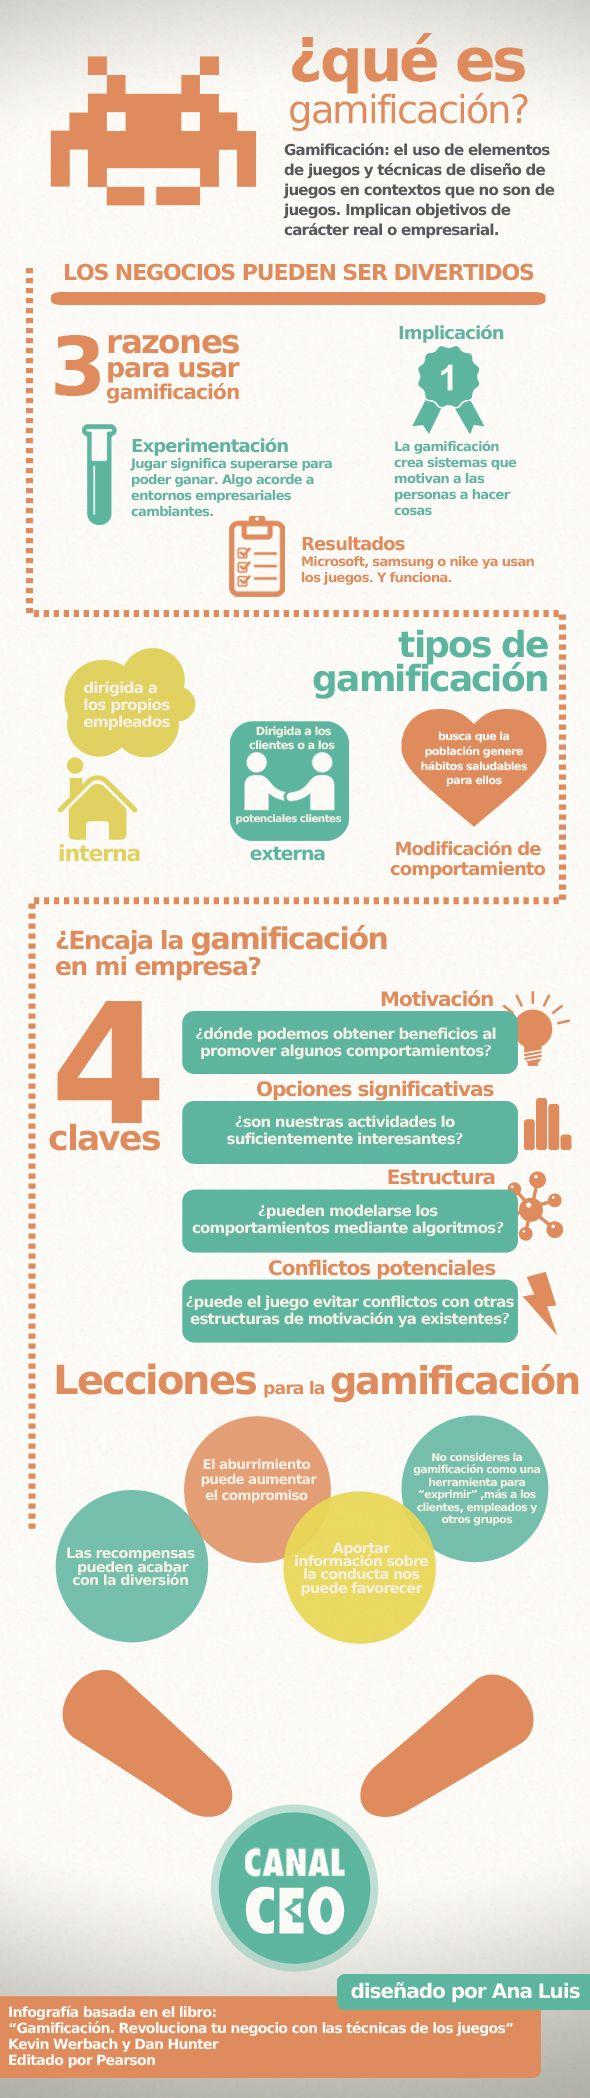 Definición y explicación resumida del fenómeno de la Gamificación en los negocios